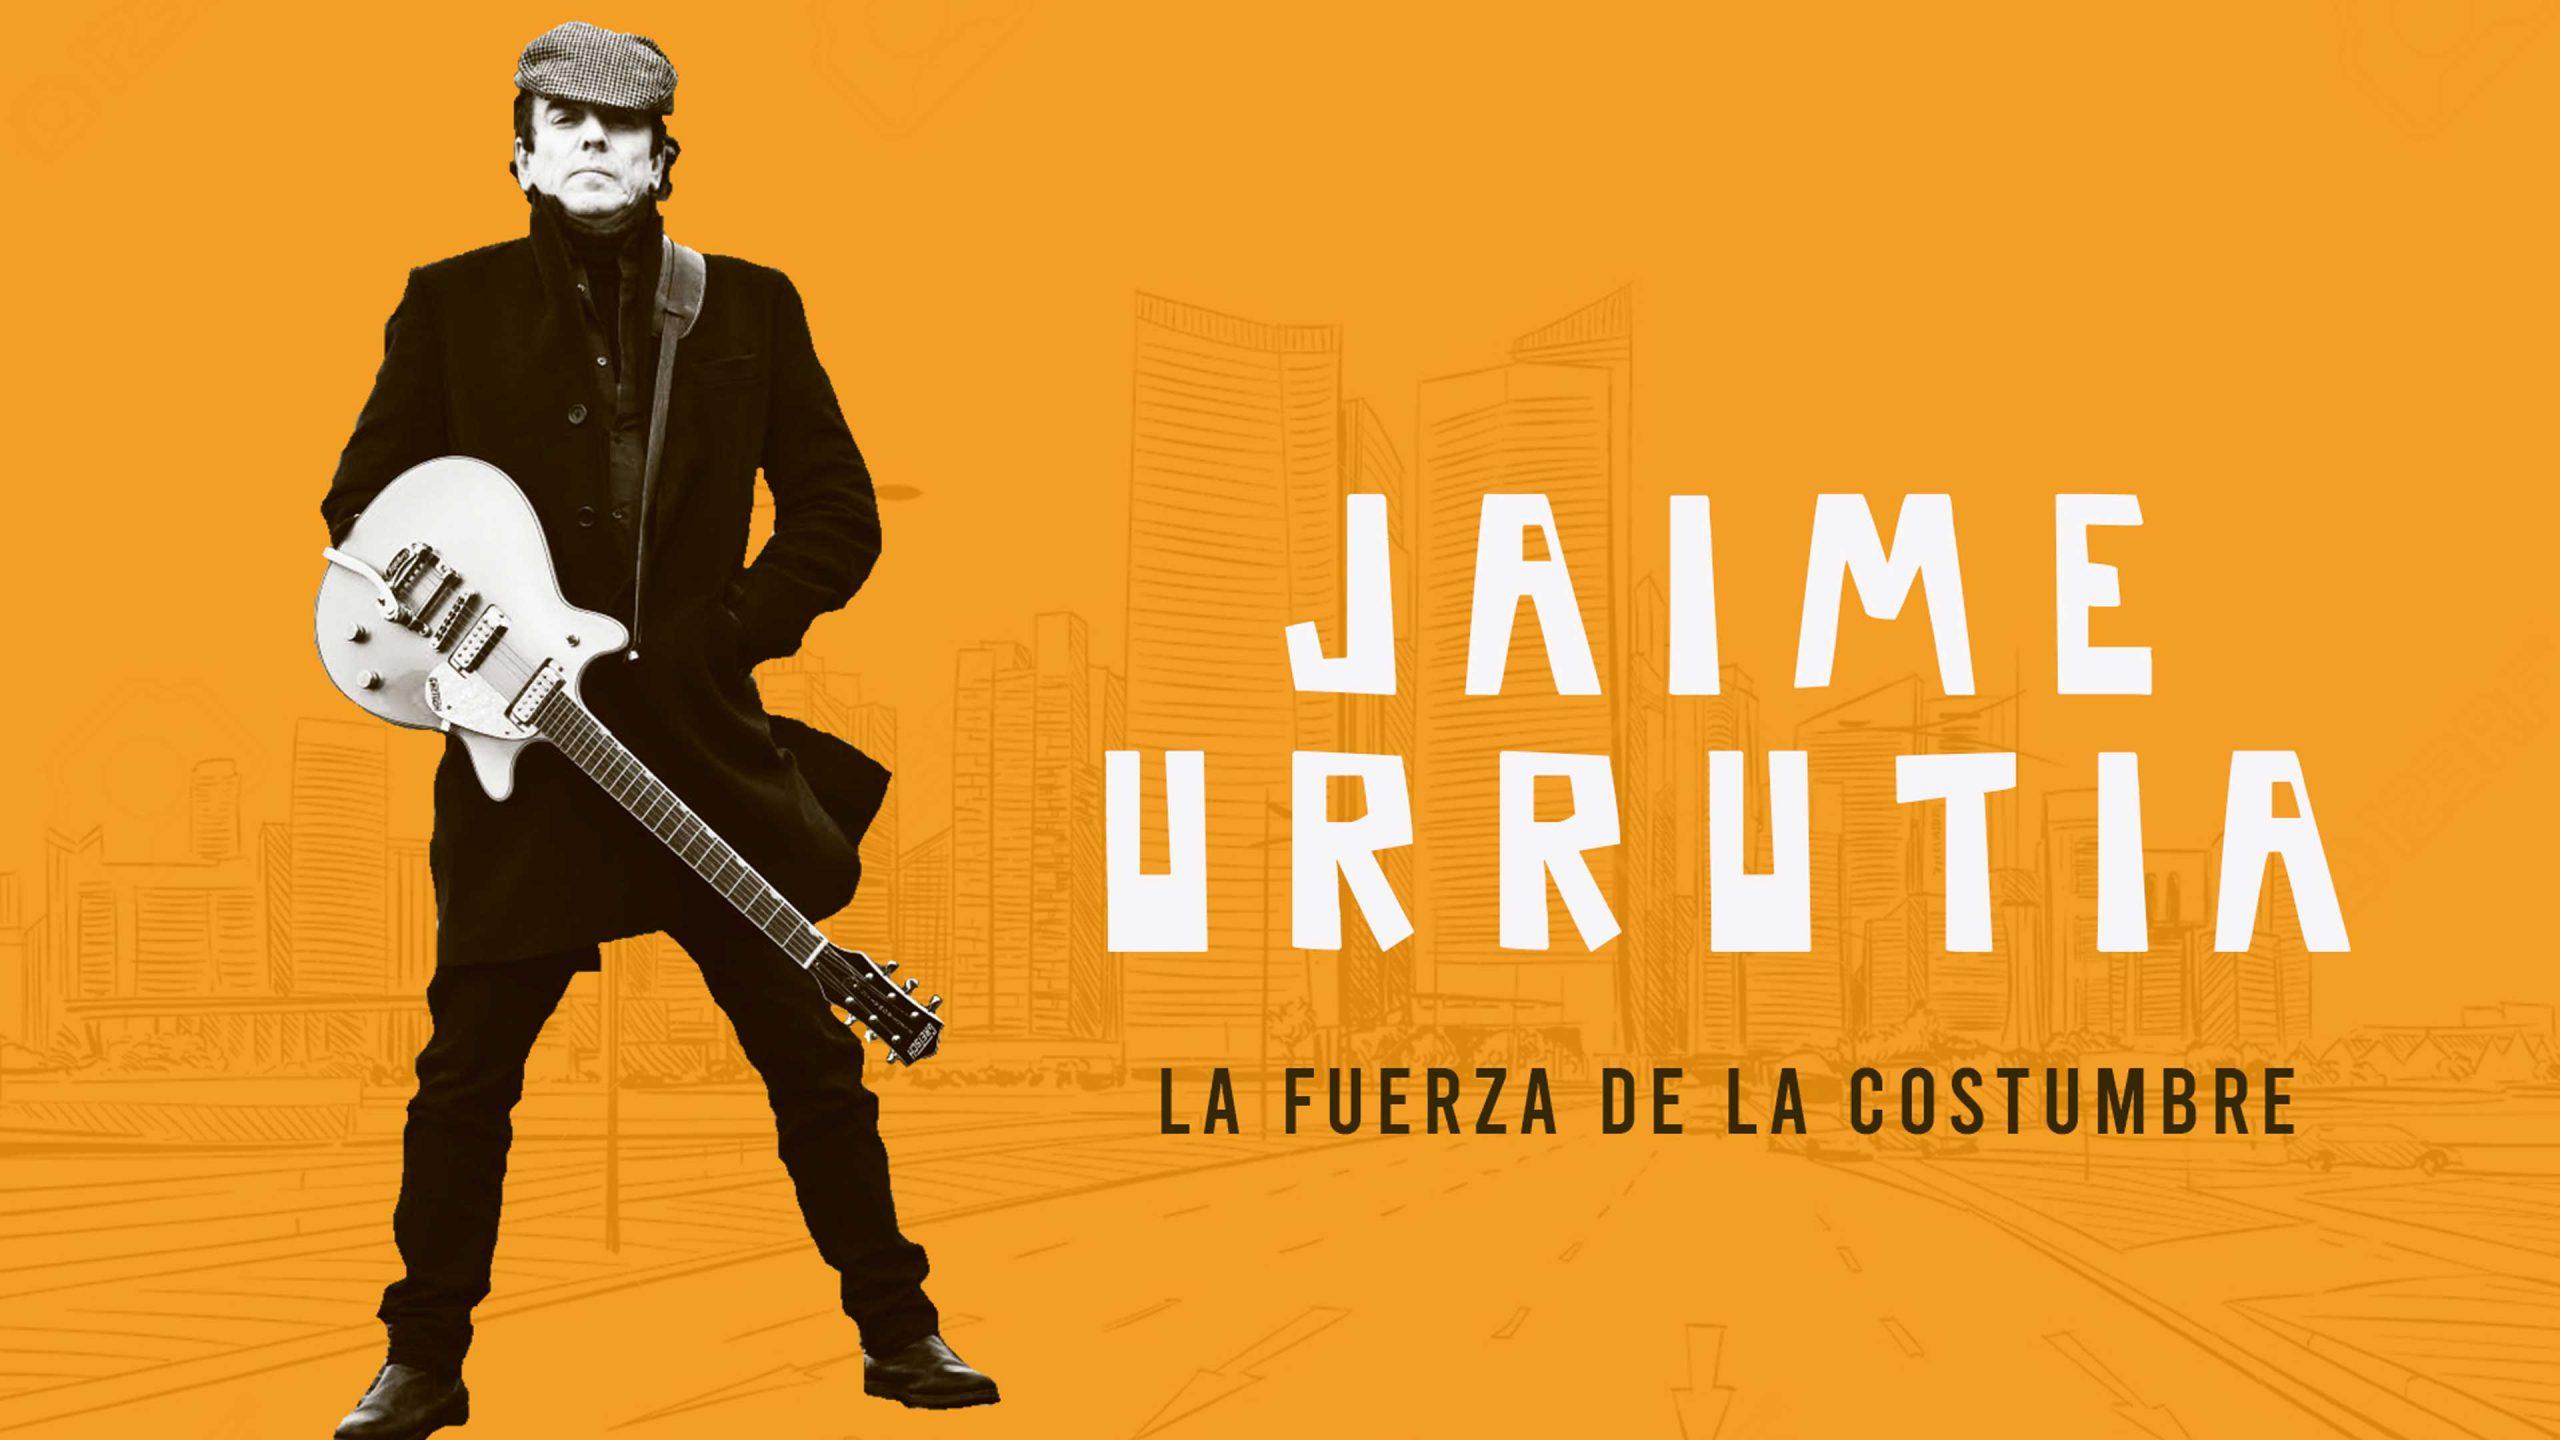 Jaime-Urrutia.-La-fuerza-de-la-costumbre